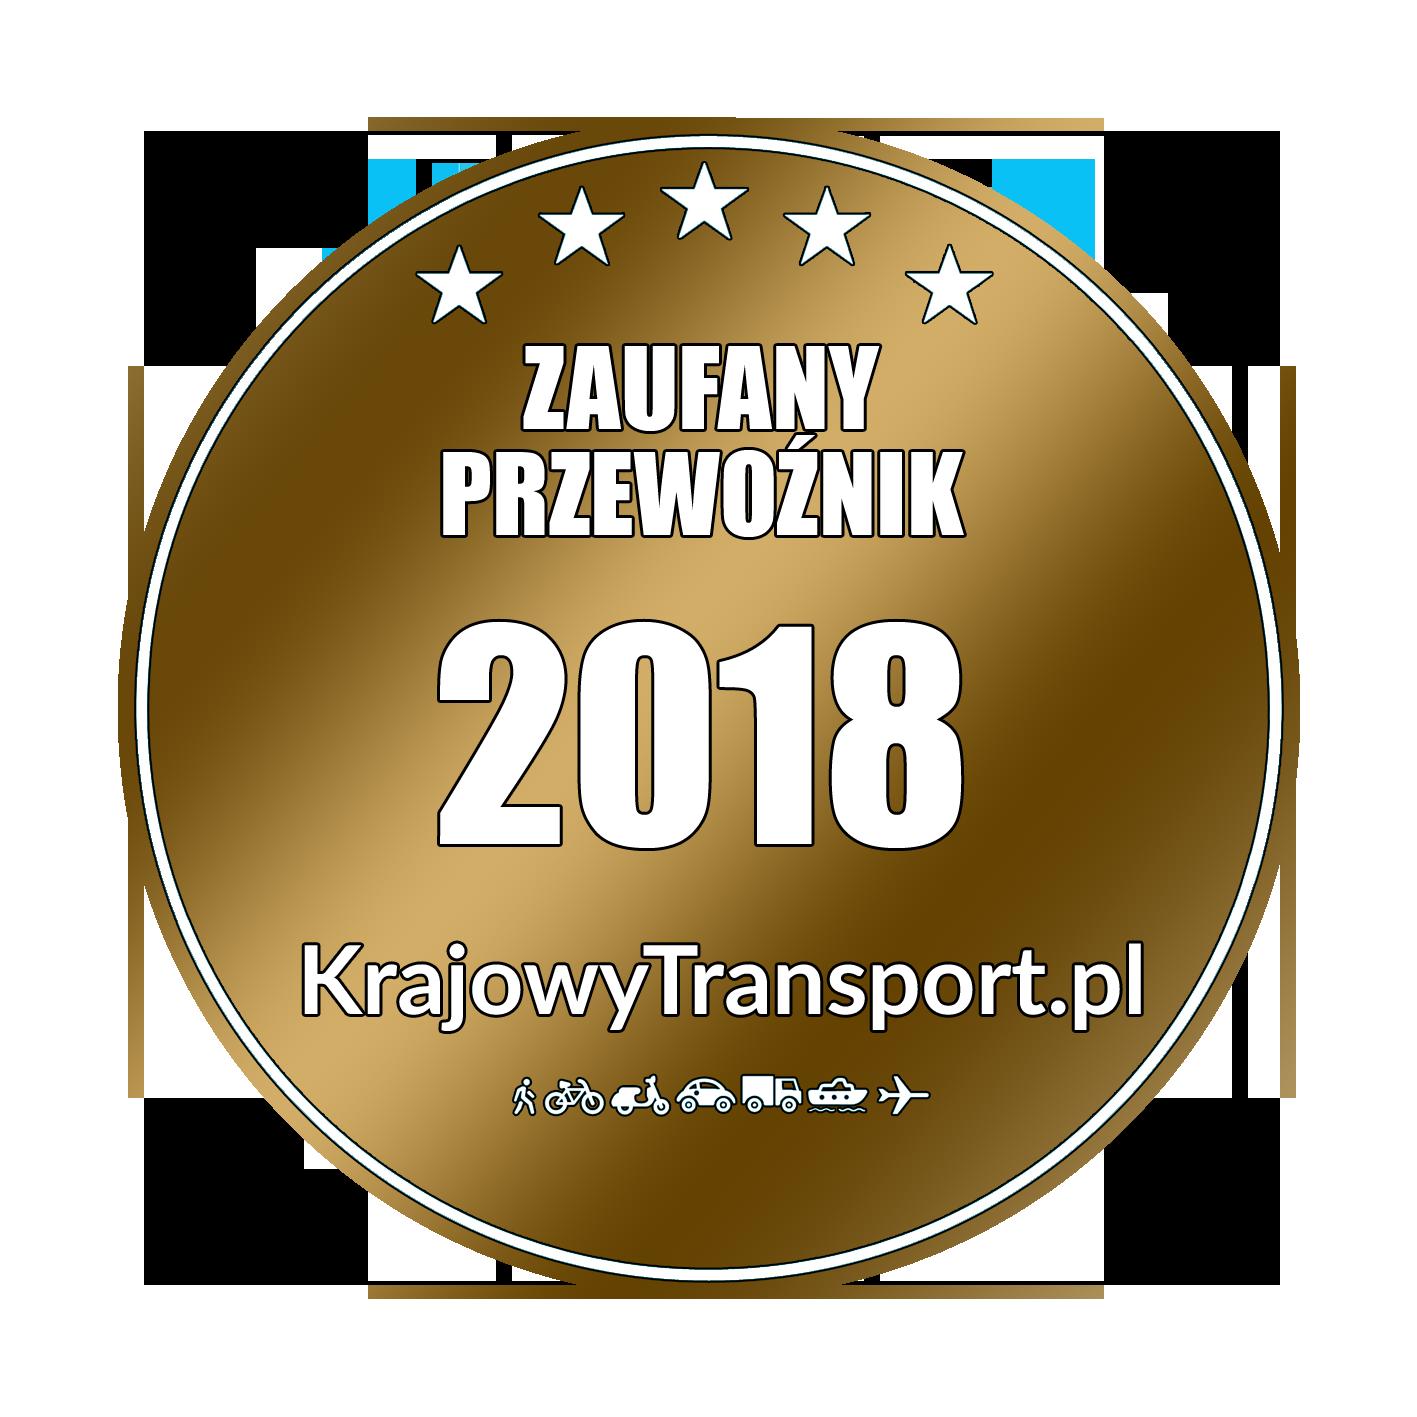 https://krajowytransport.pl/images/zdjd/ZP-z%C5%82oty.png